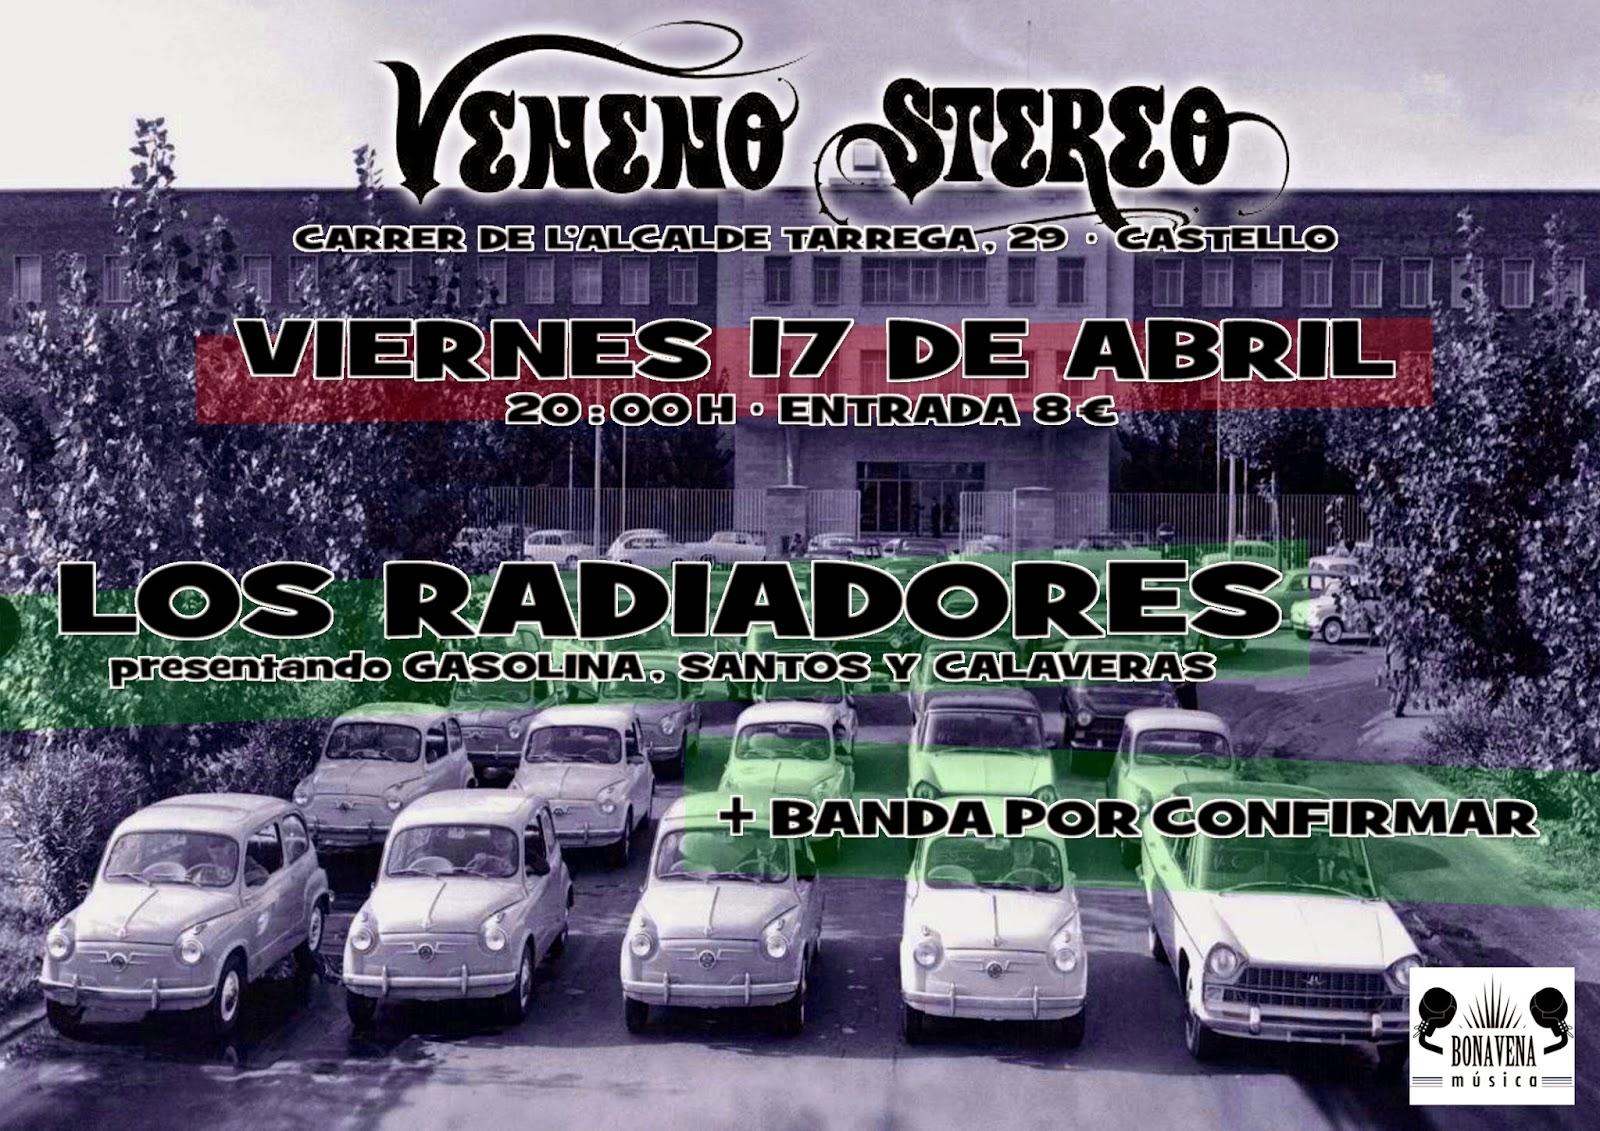 """Presentación de """"Gasolina, santos y calaveras"""" de Los Radiadores en Veneno Stereo, Castellón, el 17 de abril."""